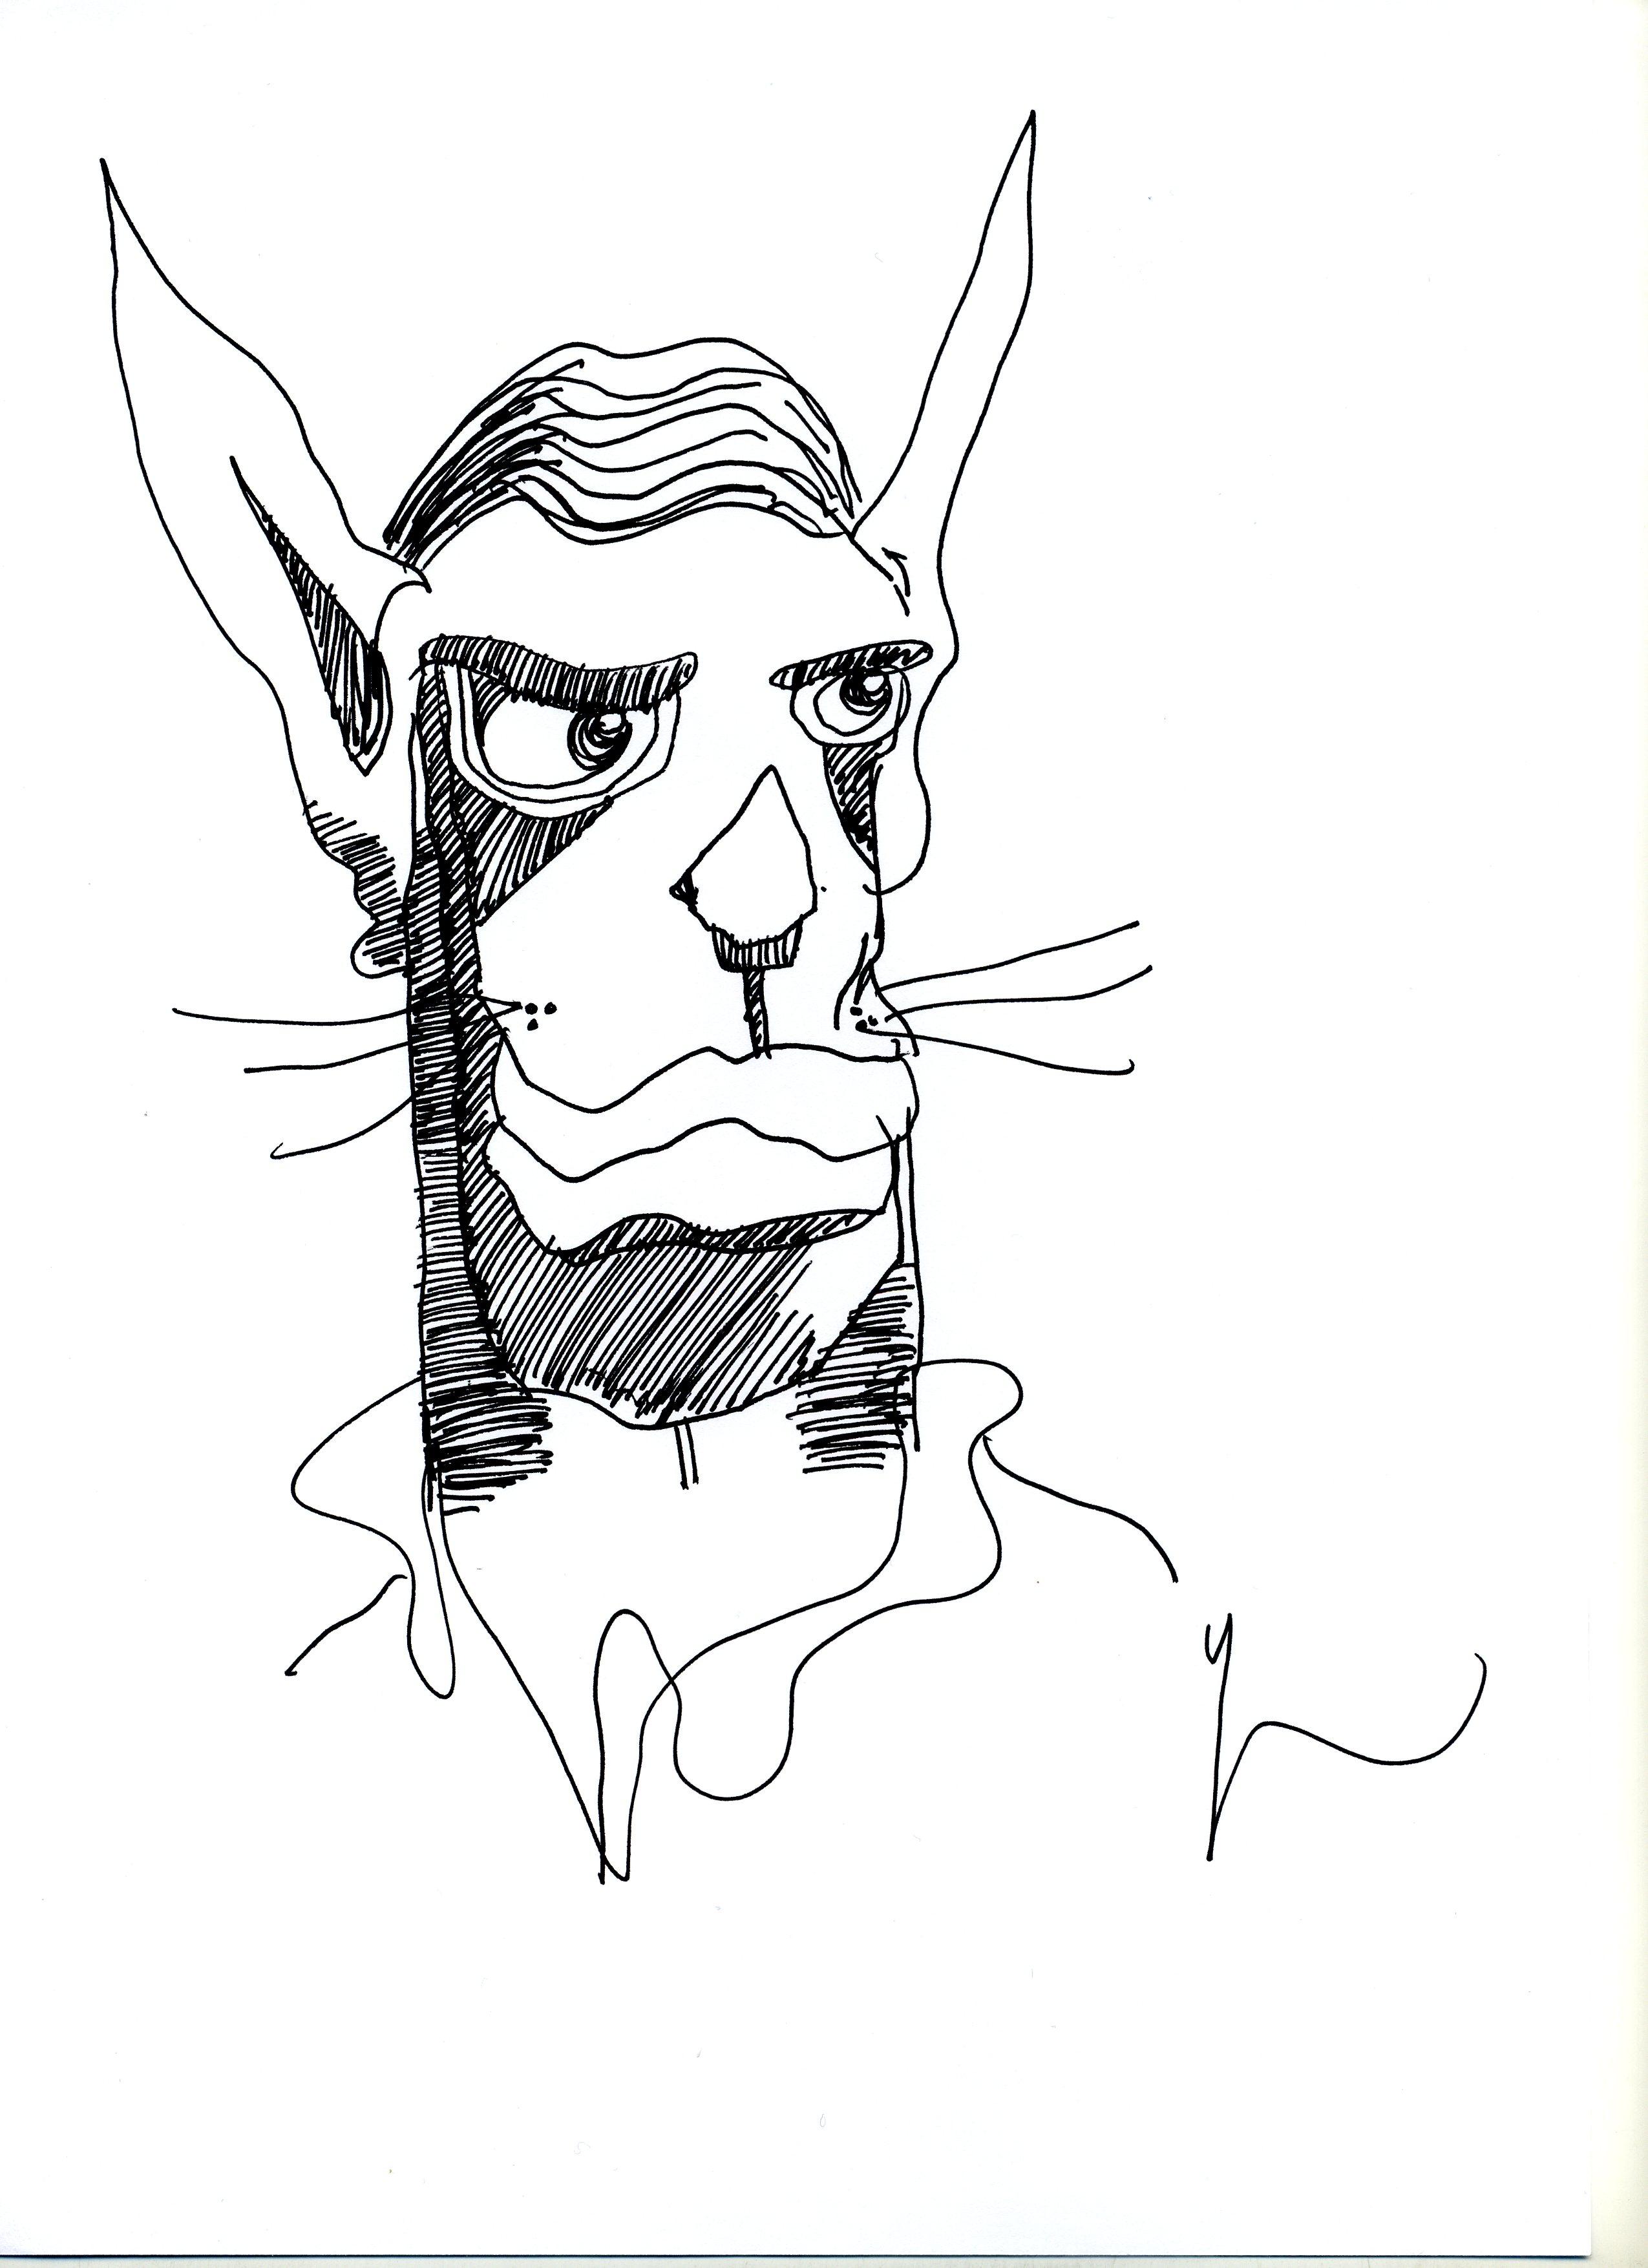 Portrait de Chat Humain dessiné par Yann Moix